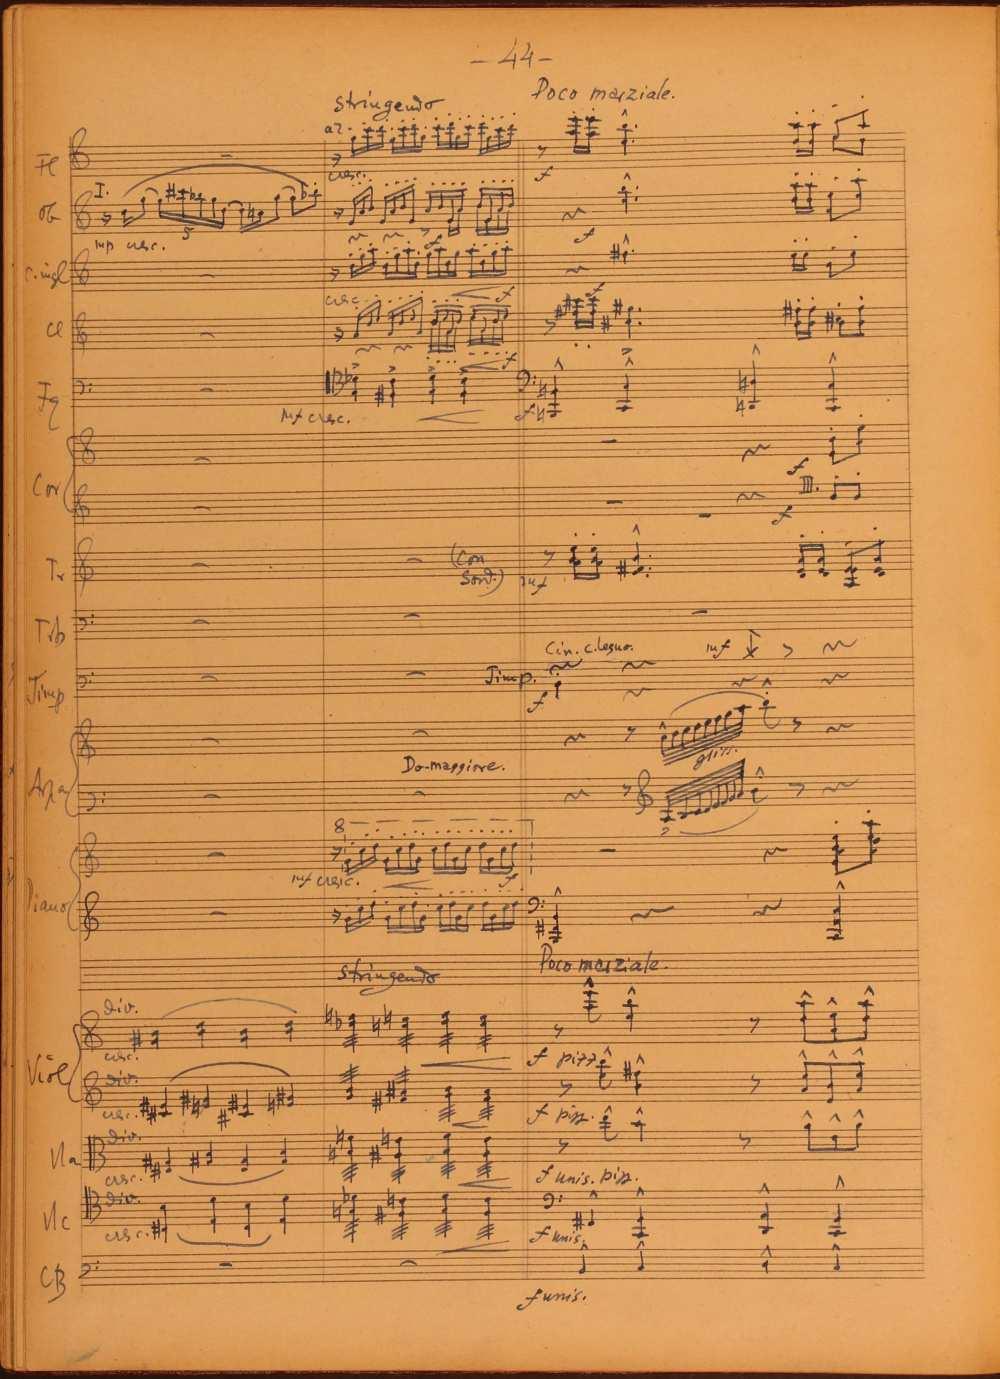 Vécsey Jenő: Concertino, zongorára és zenekarra. (1953-1956). A második, Andante con moto tétel részlete. Szerzői autográf. Jelzet: Ms. Mus. 4.289. – Zeneműtár. A tétel meghallgatható: https://www.youtube.com/watch?v=yevYgyBlp6Q